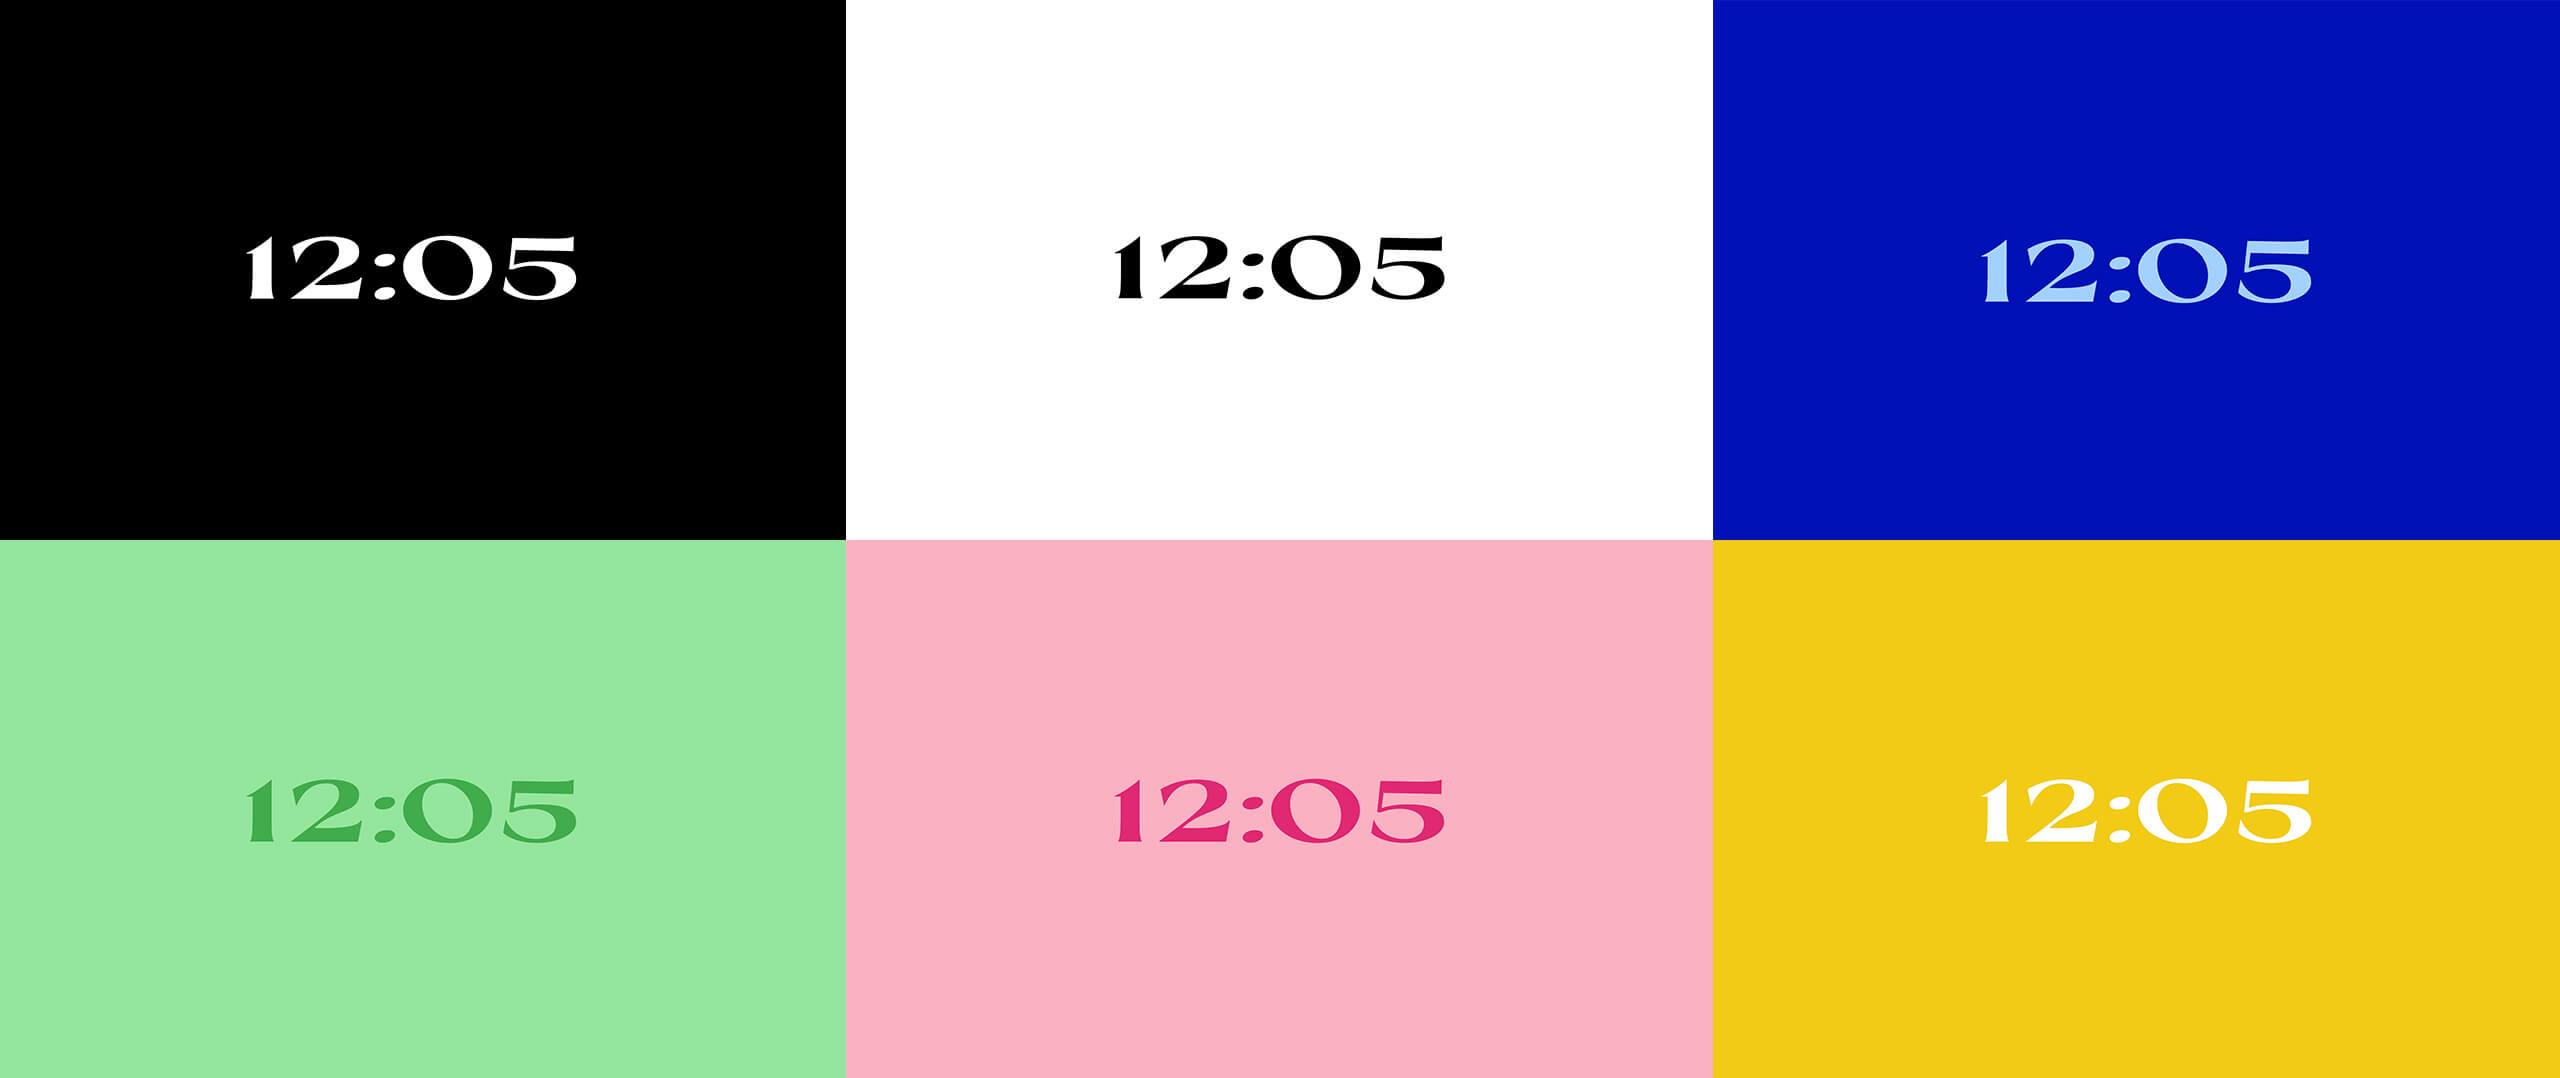 Serif Clock Screensaver